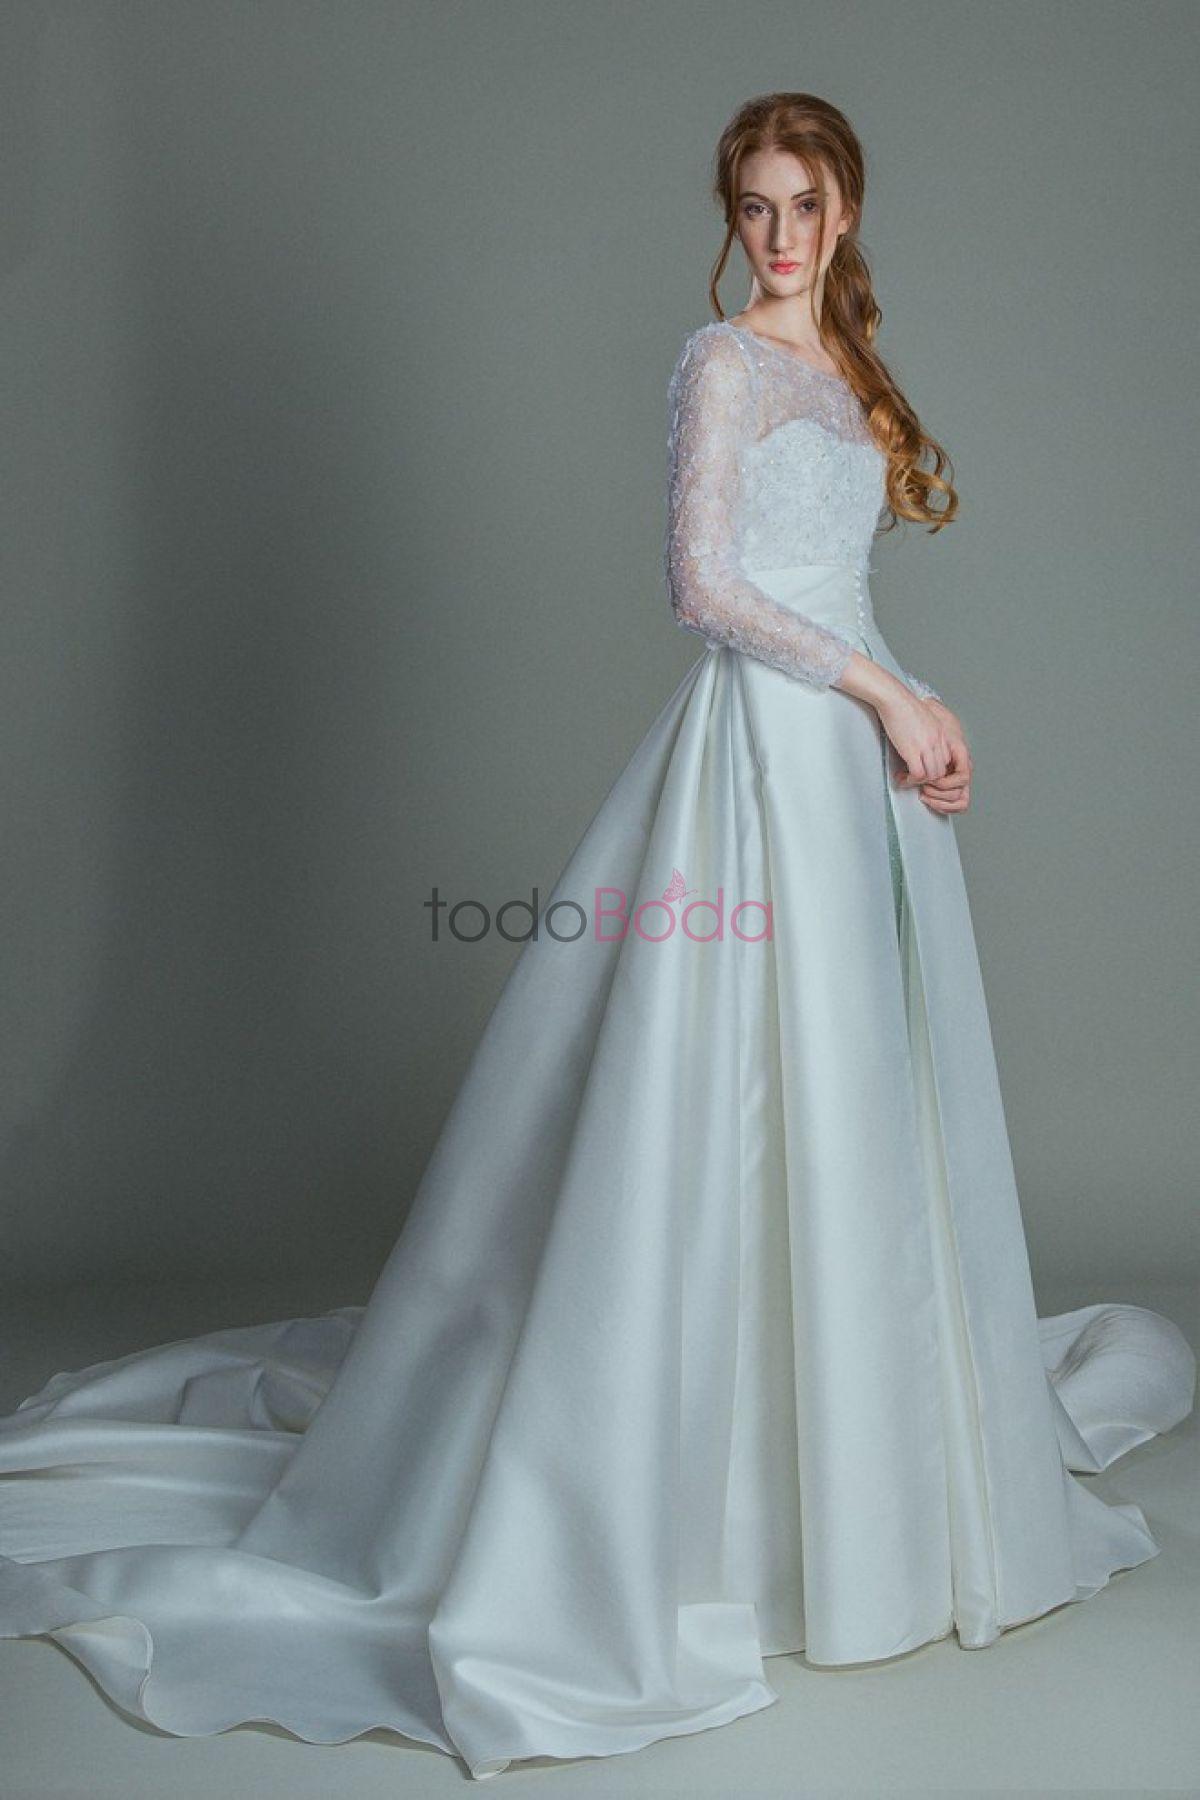 Amazing Vestido Novia Griego Component - Wedding Dress Ideas ...